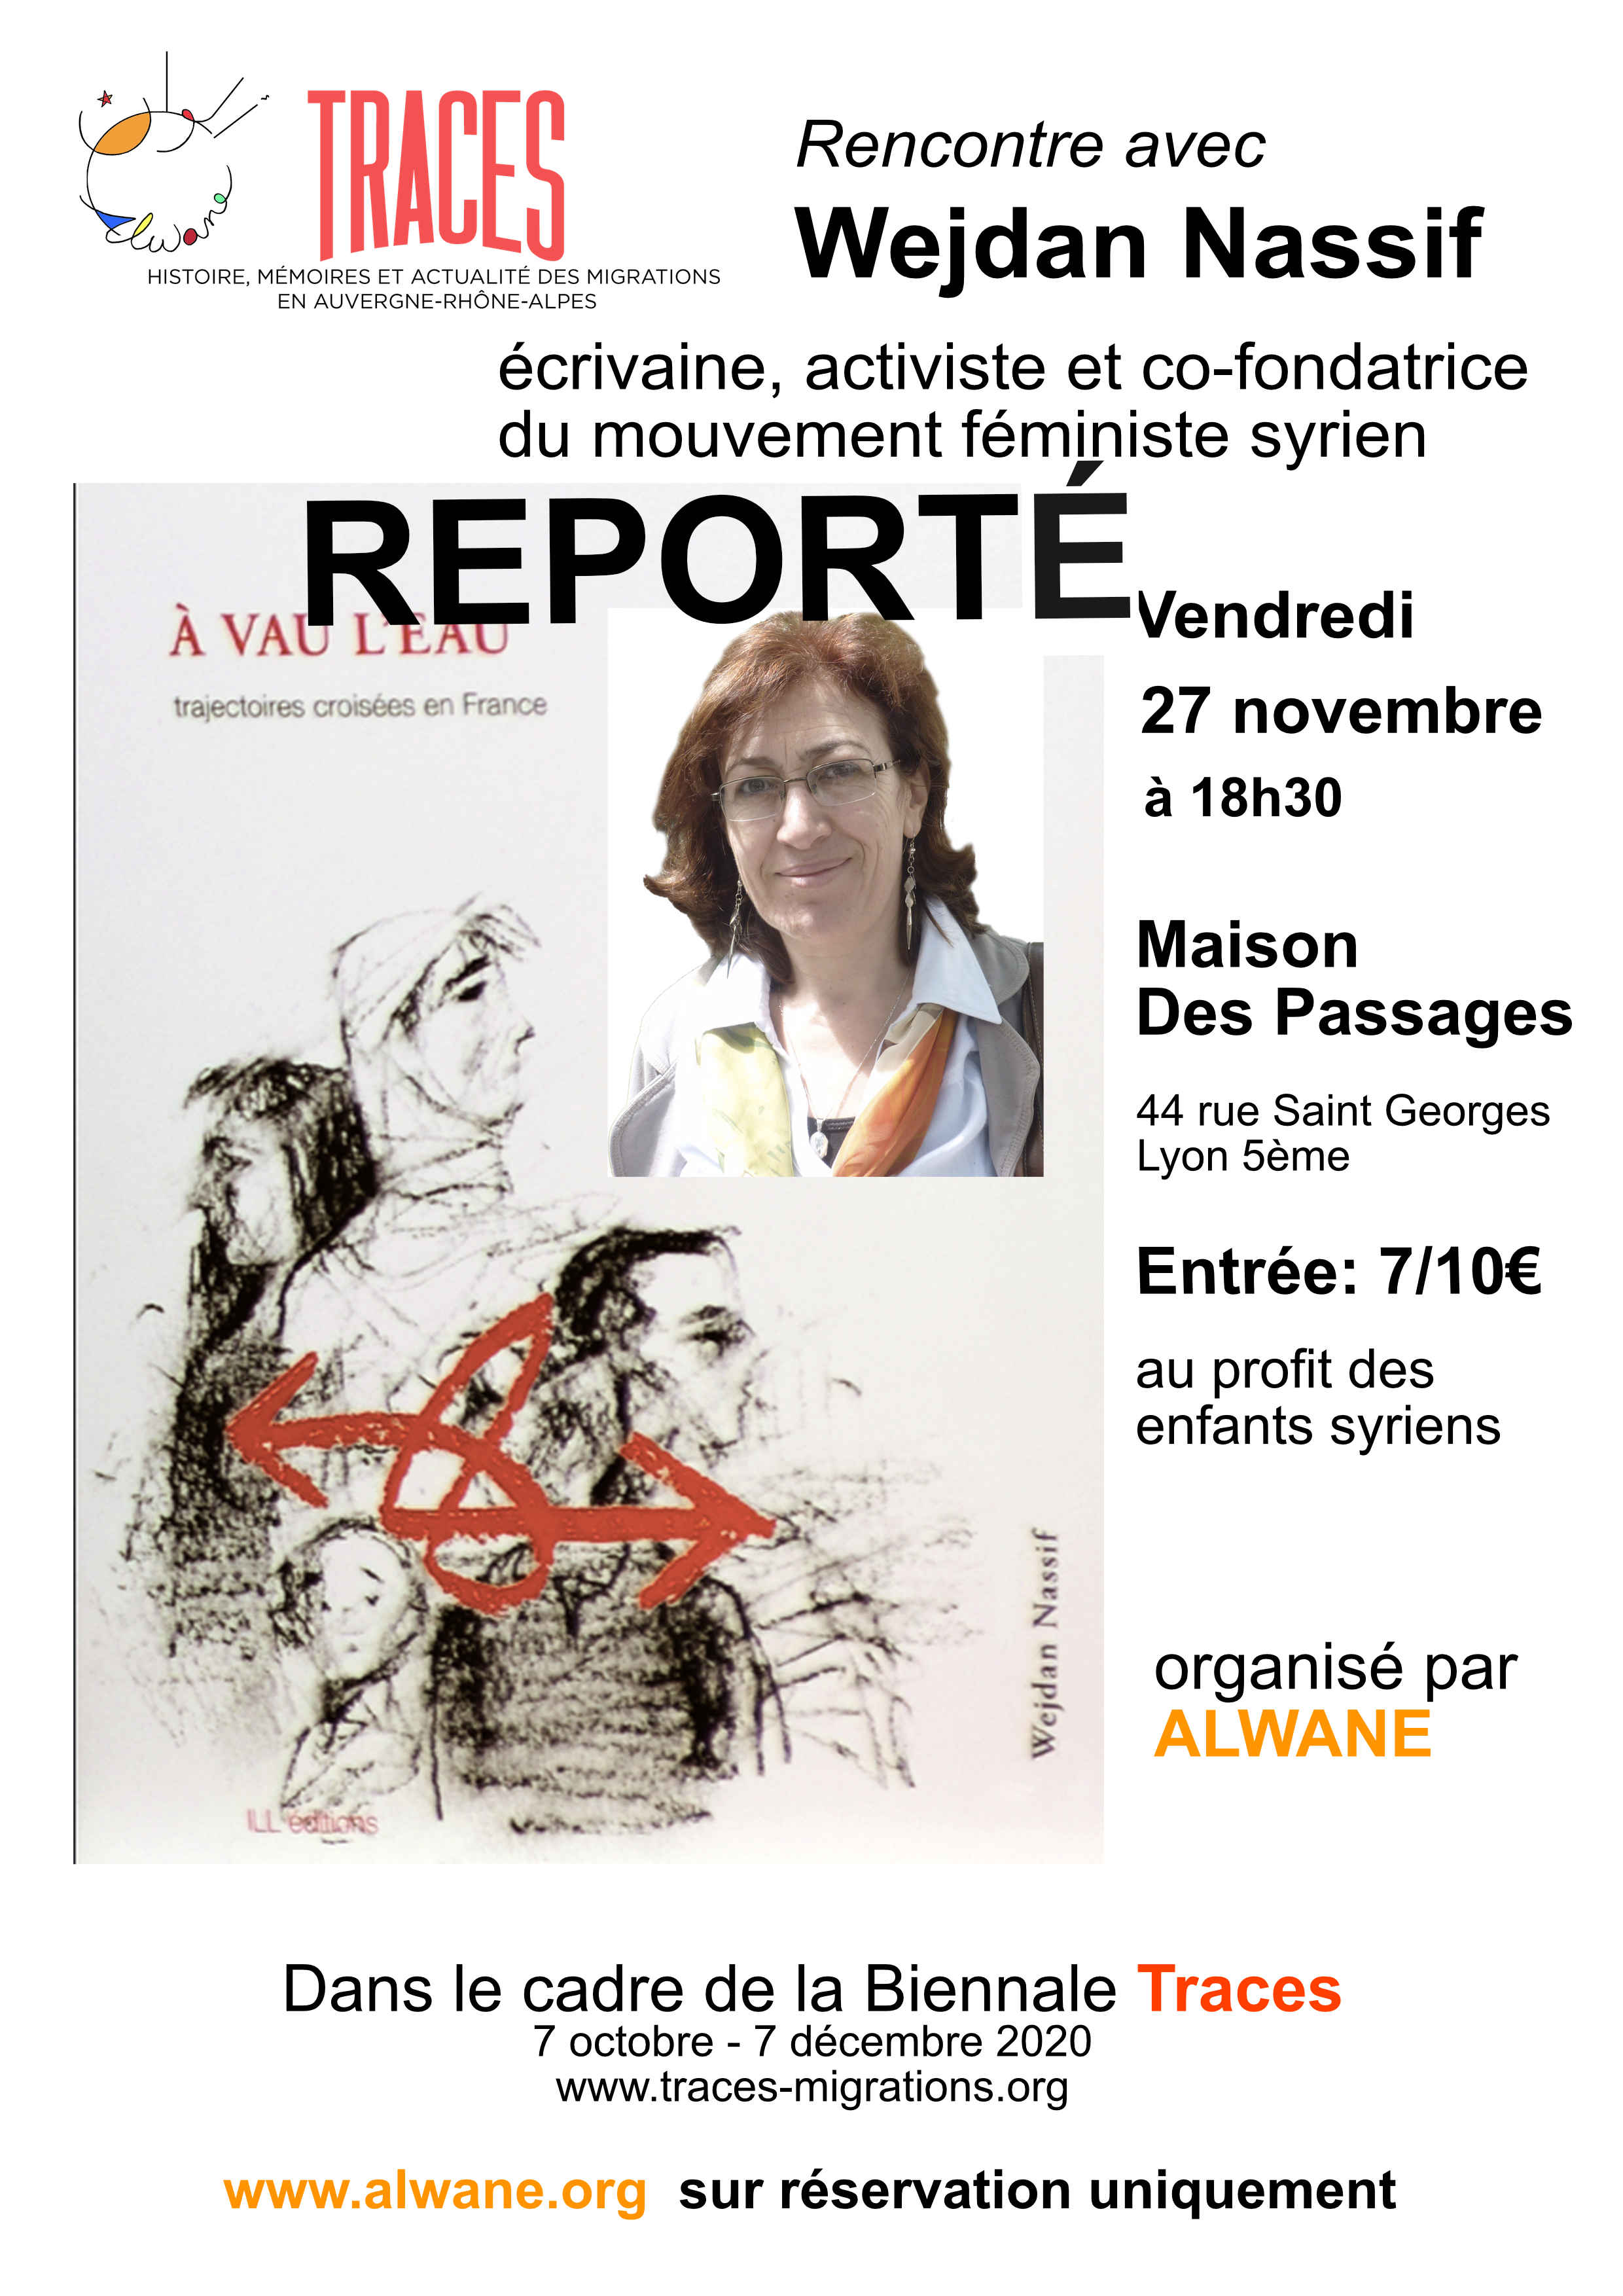 Reportée Soirée syrienne avec Wejdan Nassif, dans le cadre de la Biennale Traces